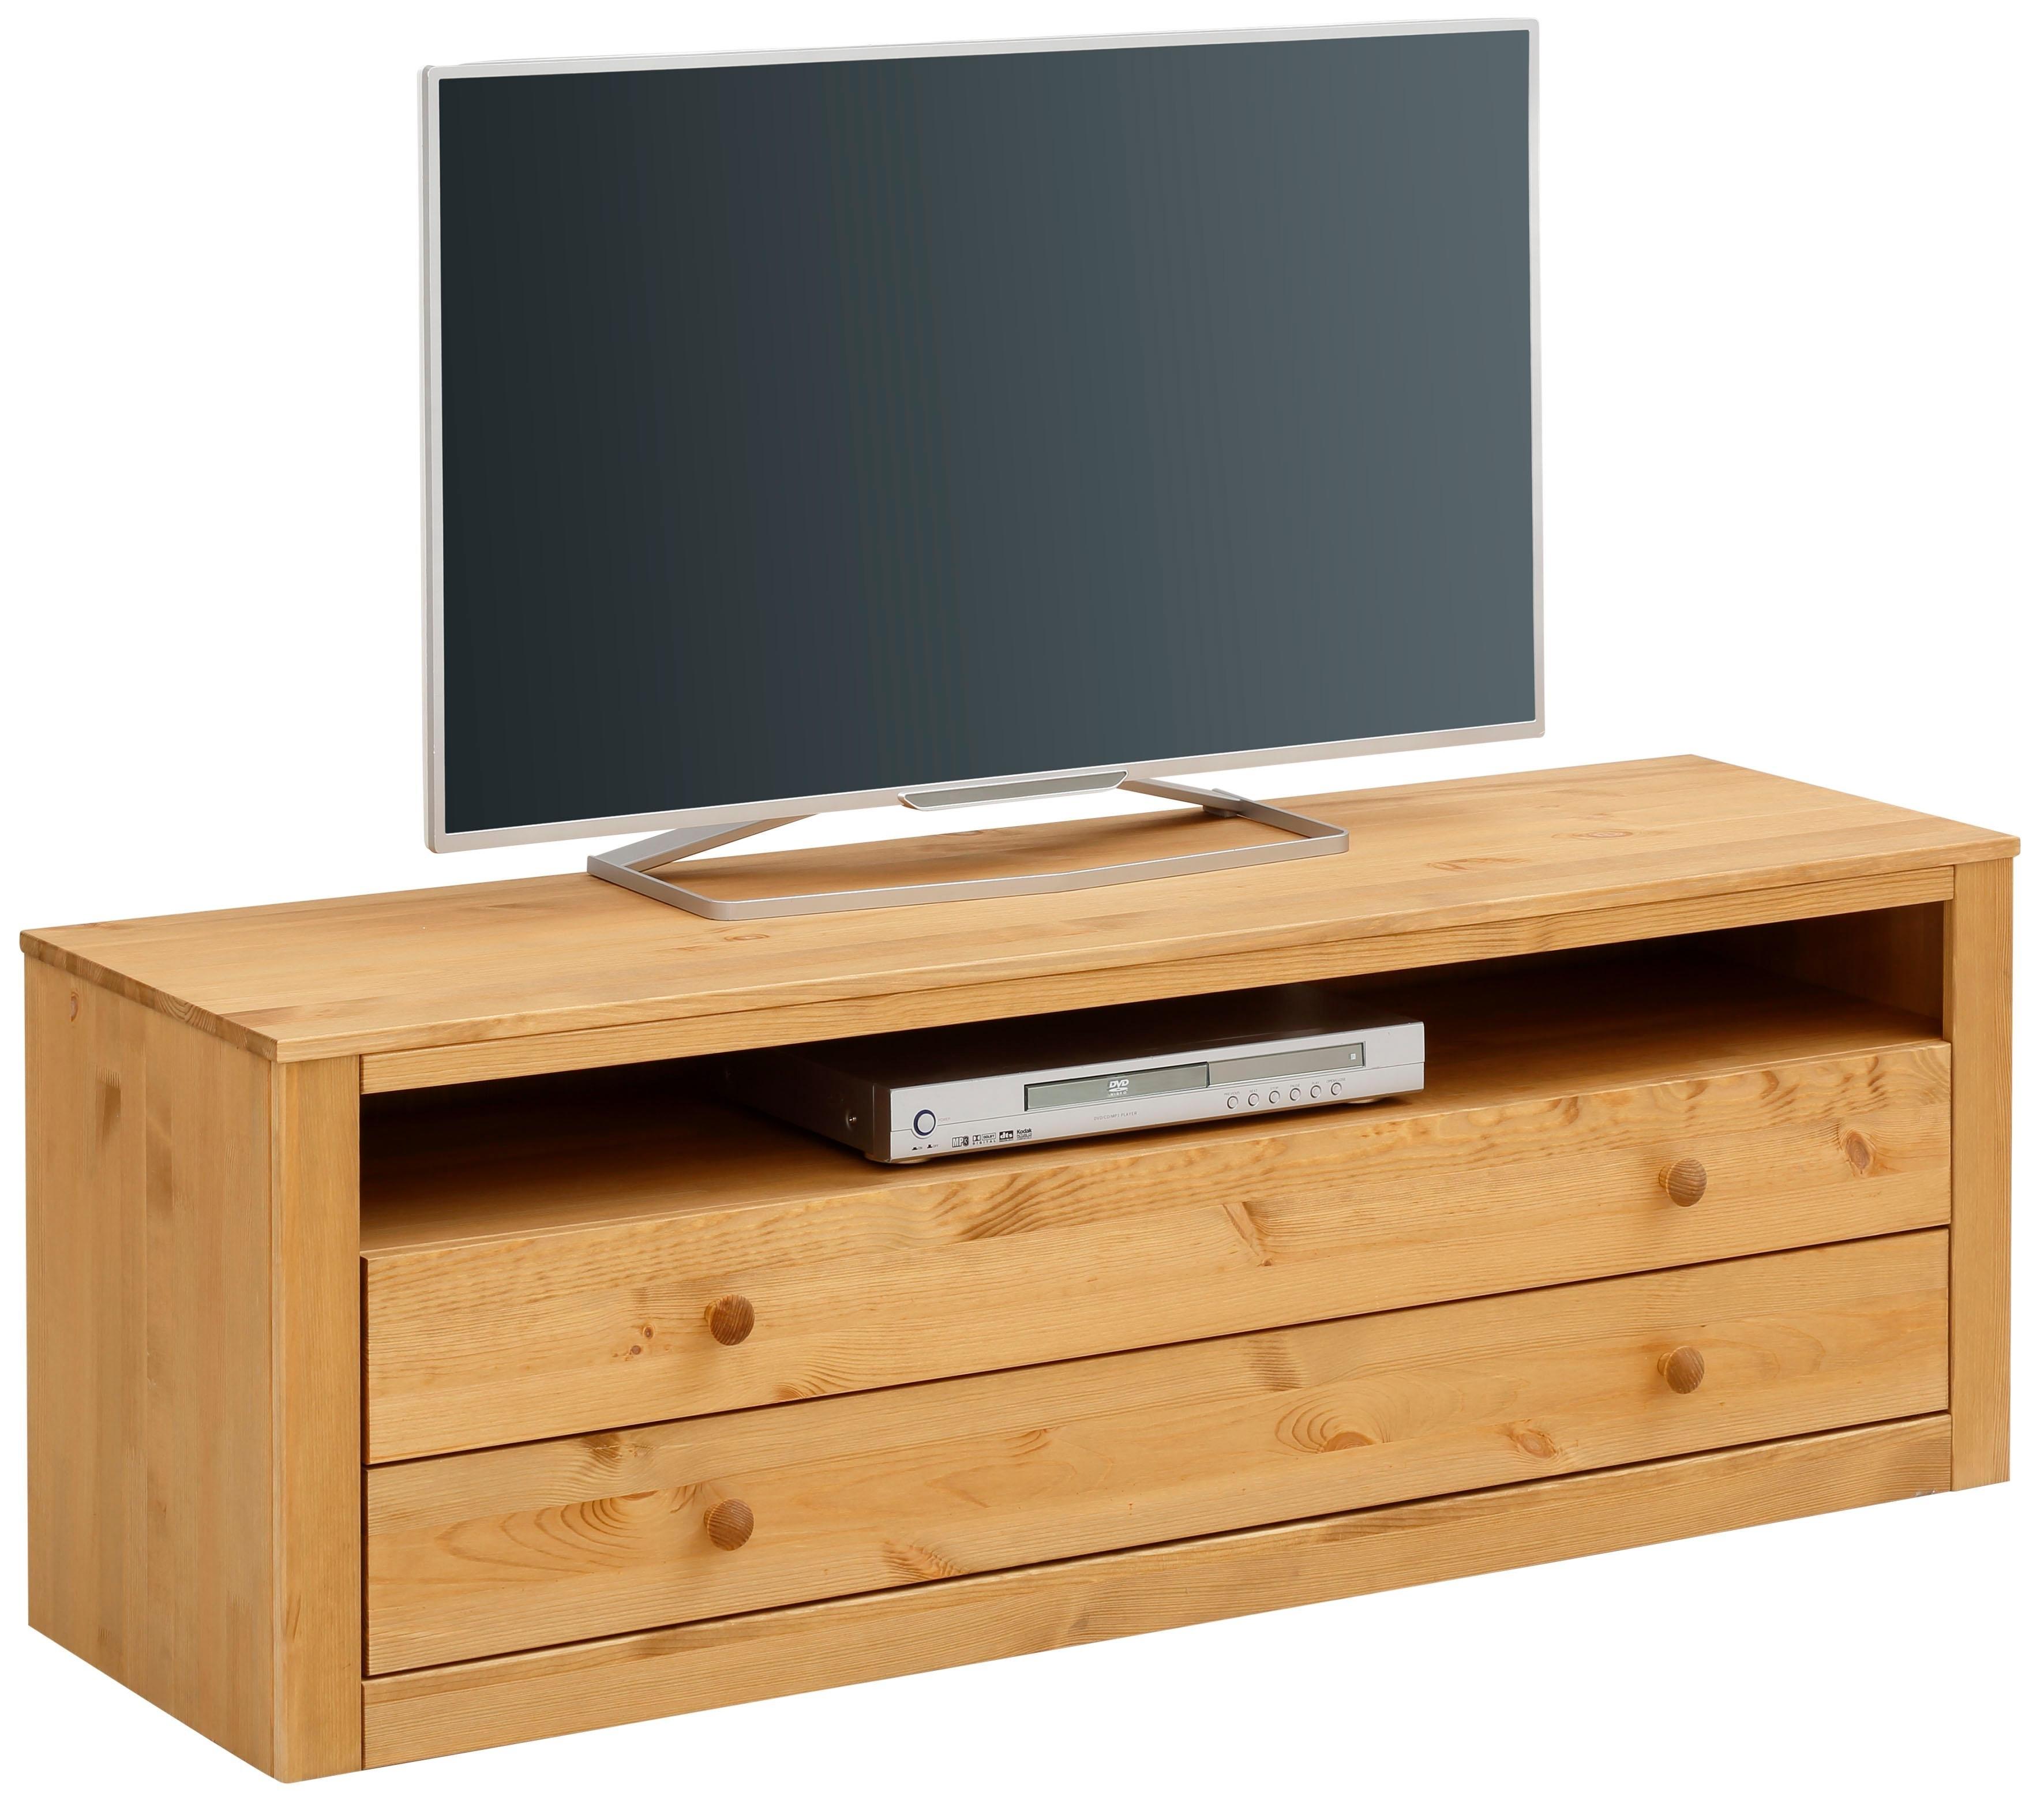 Home affaire tv-meubel »Agave« bestellen: 30 dagen bedenktijd